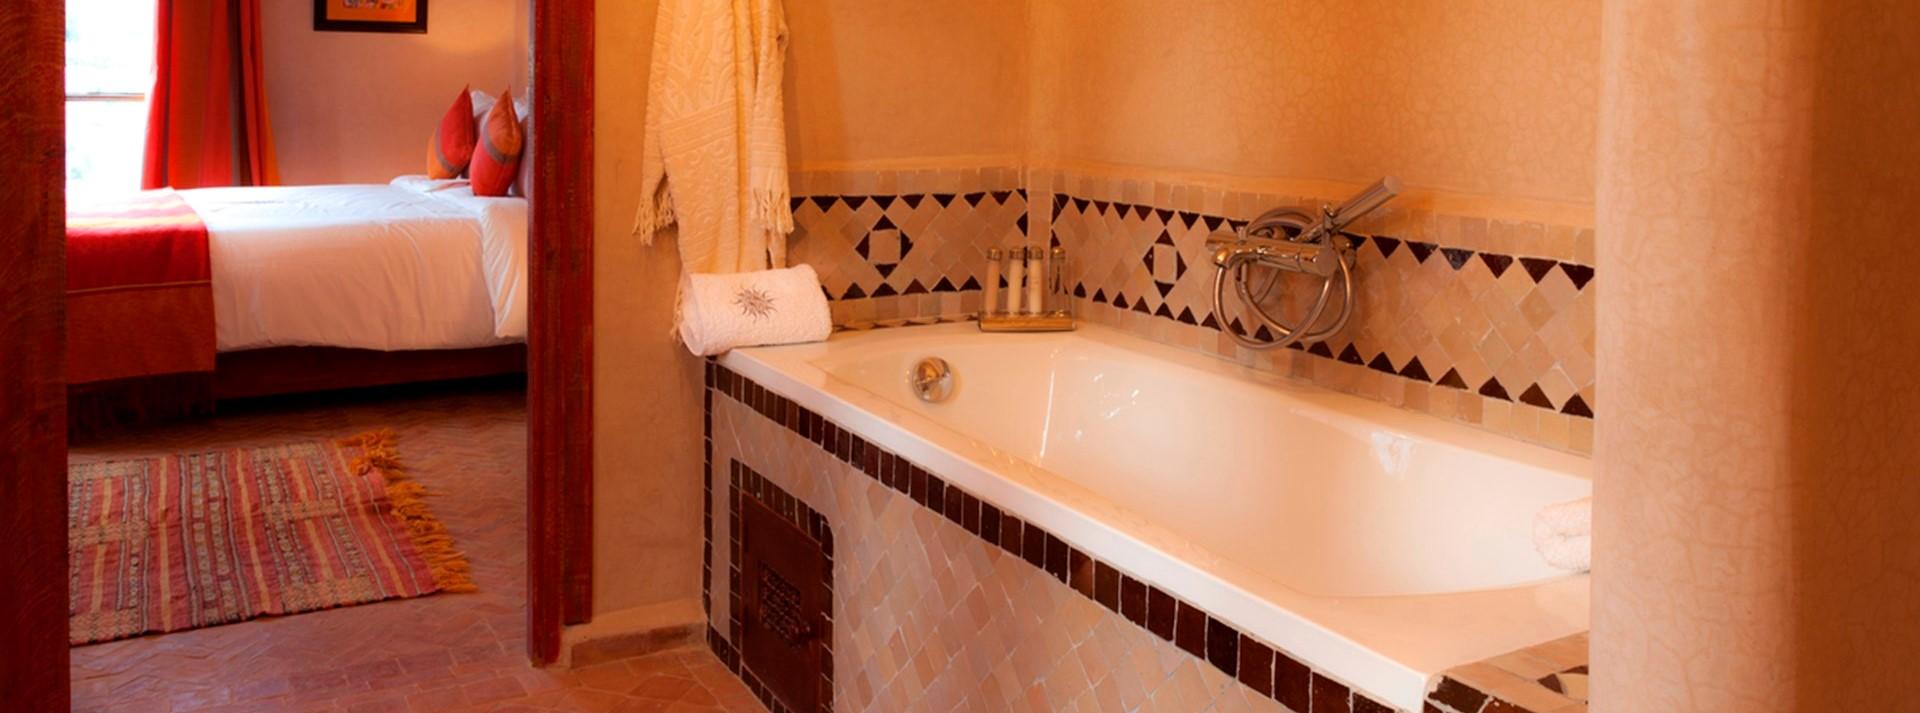 villa-basmah-ensuite-bathroom